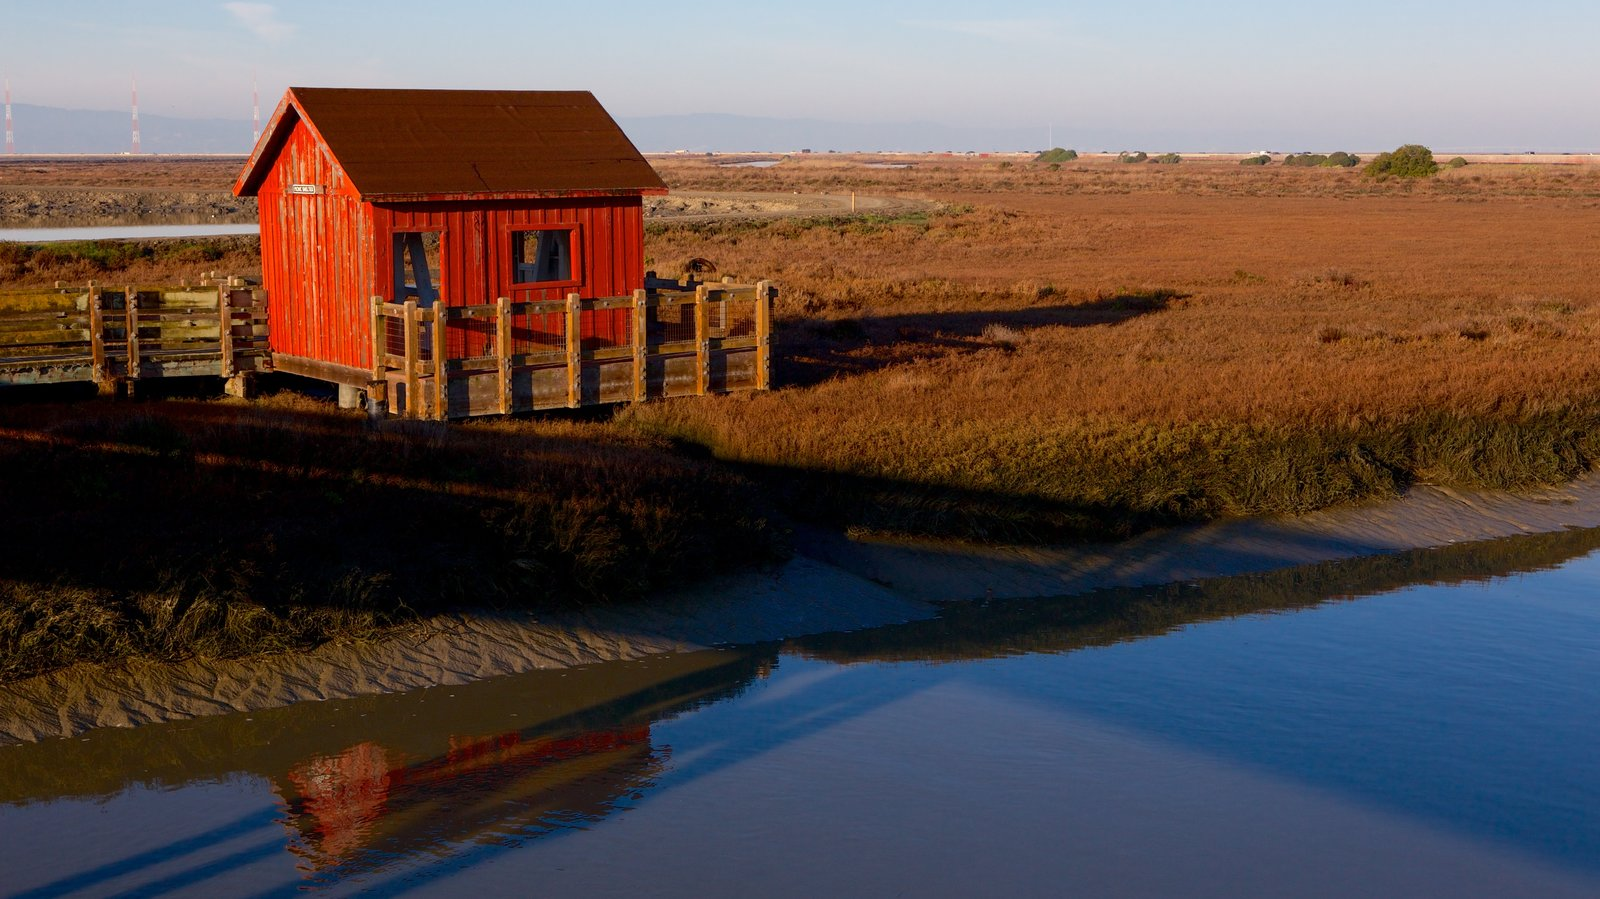 Don Edwards San Francisco Bay National Wildlife Refuge caracterizando paisagem, um rio ou córrego e um pôr do sol